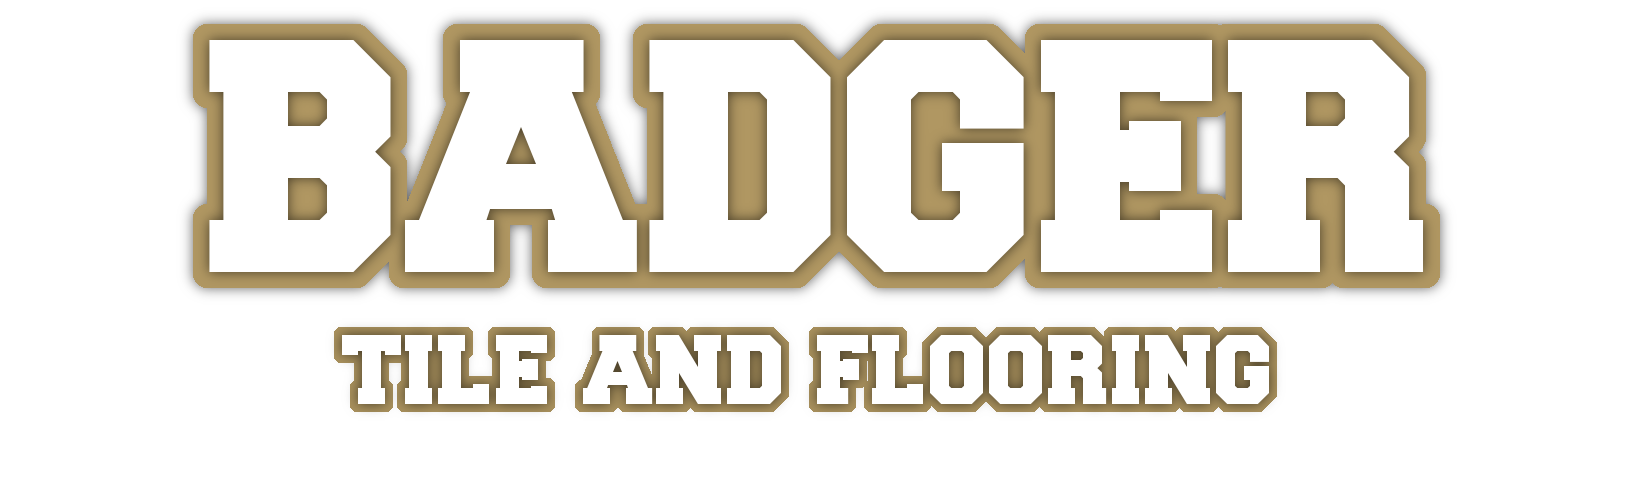 Floor clipart tile worker. Badger flooring we lay